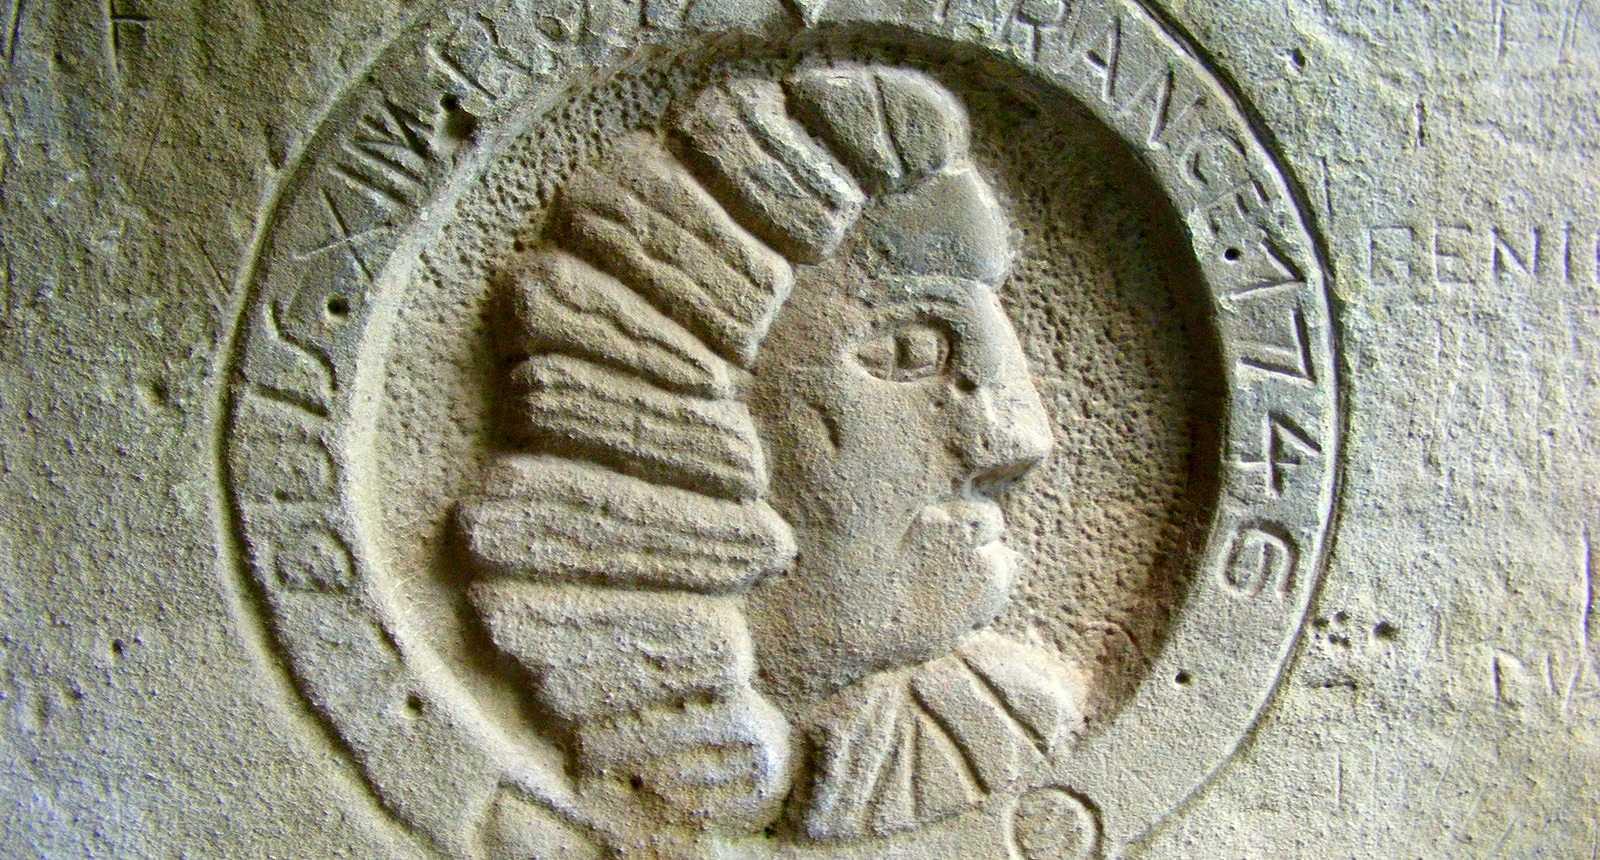 Médaillon sculpté de la Citadelle de Bitche